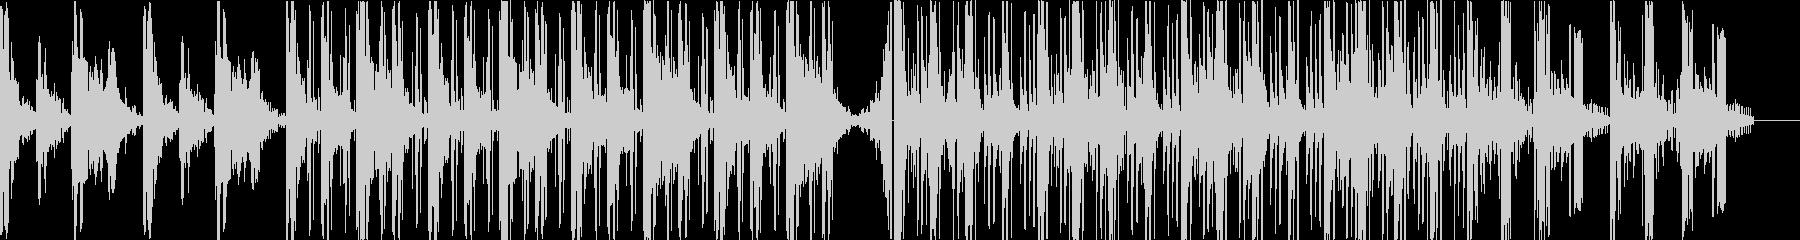 レトロな雰囲気向きLo-fiHipHopの未再生の波形